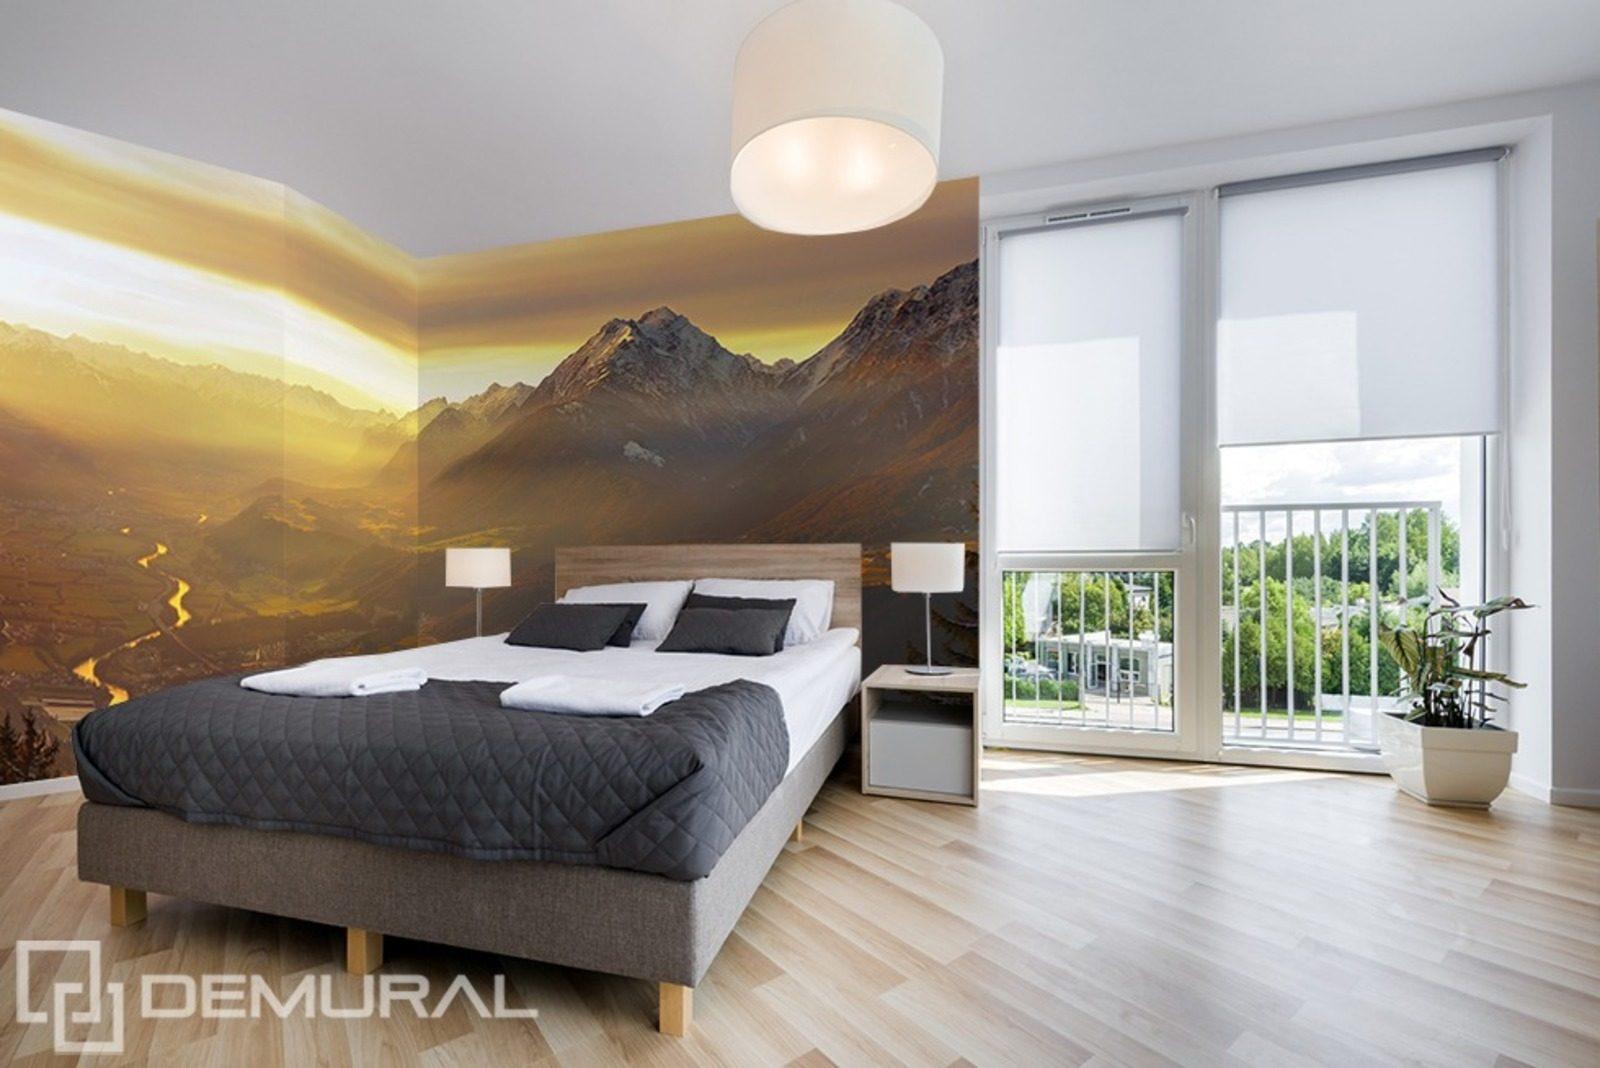 Am Tal - Fototapete für Schlafzimmer - Fototapeten - Demural